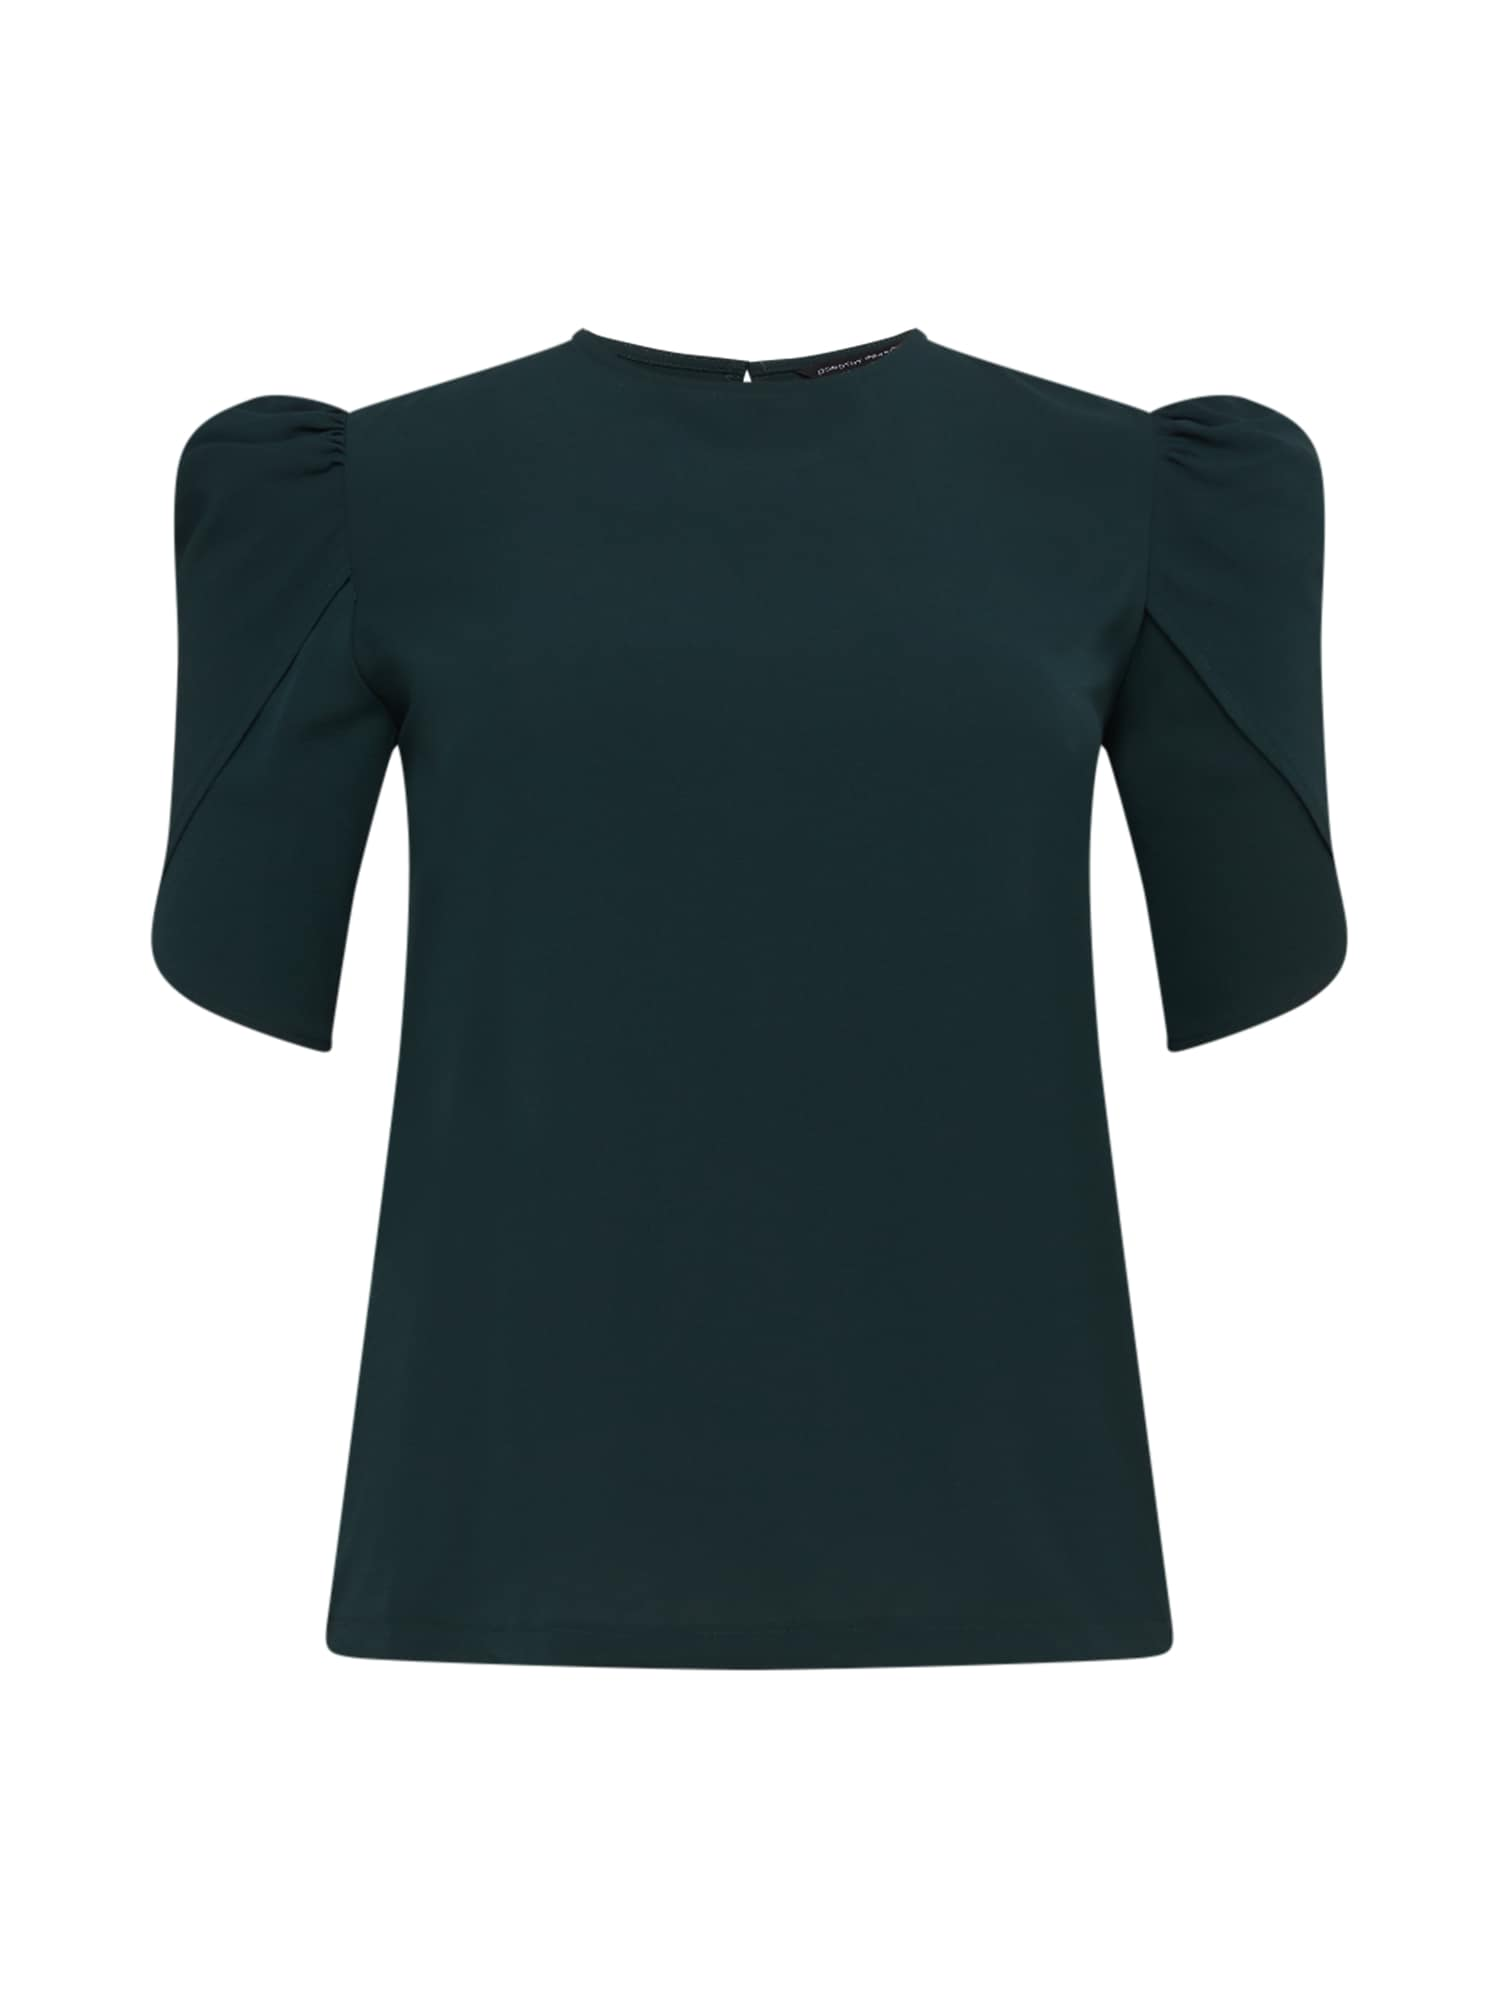 Dorothy Perkins Curve Palaidinė smaragdinė spalva